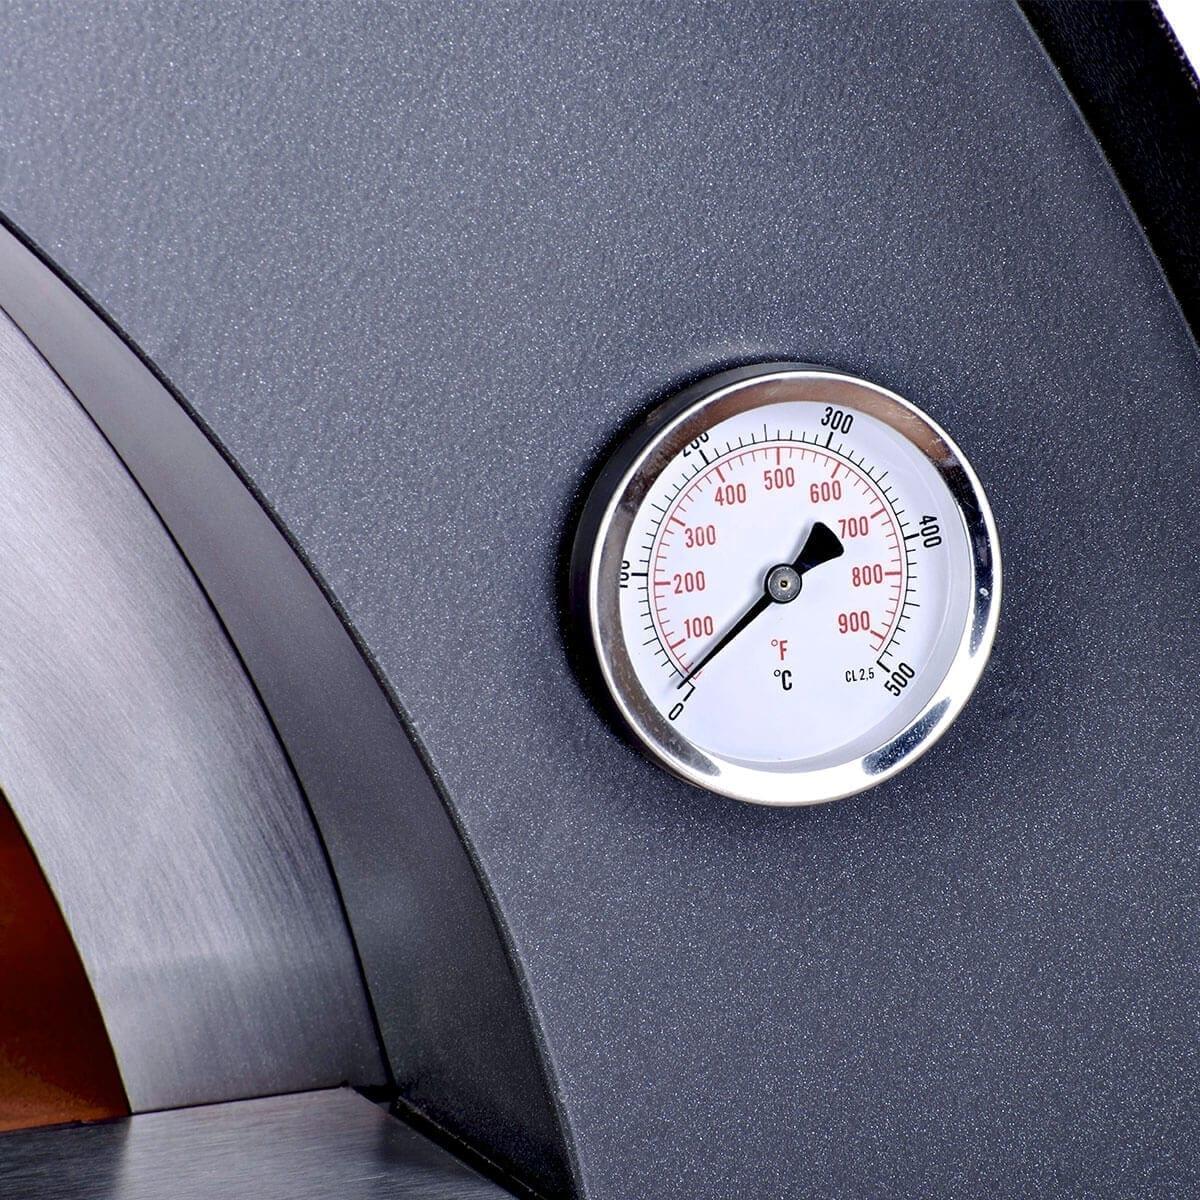 Thermomètre Four À Pain 500 ciao - four à bois avec sole réfractaire, léger et maniable